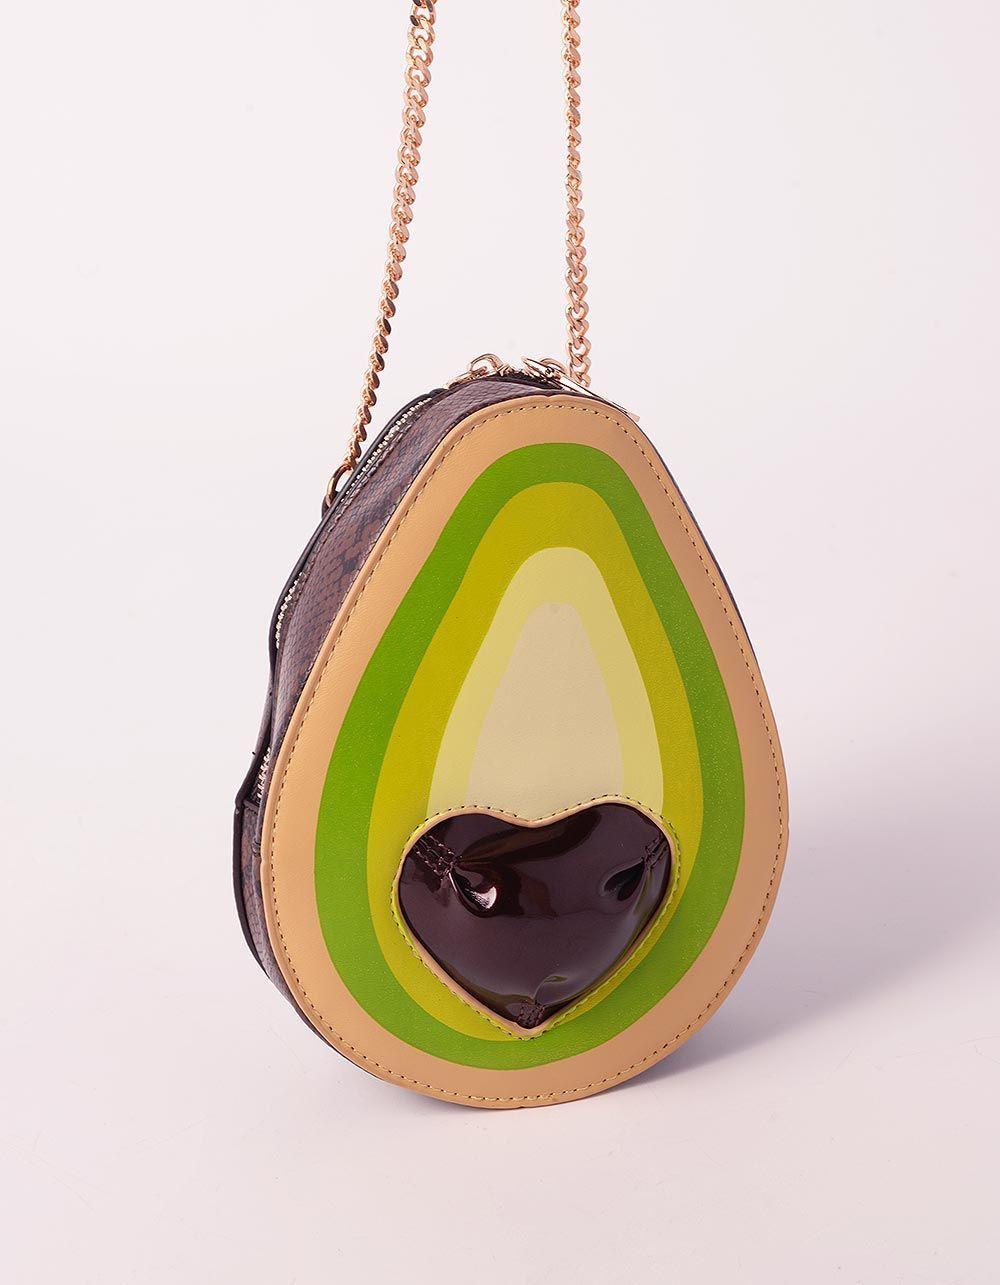 Сумка на ланцюжку у вигляді авокадо з принтом пітона | 239305-20-XX